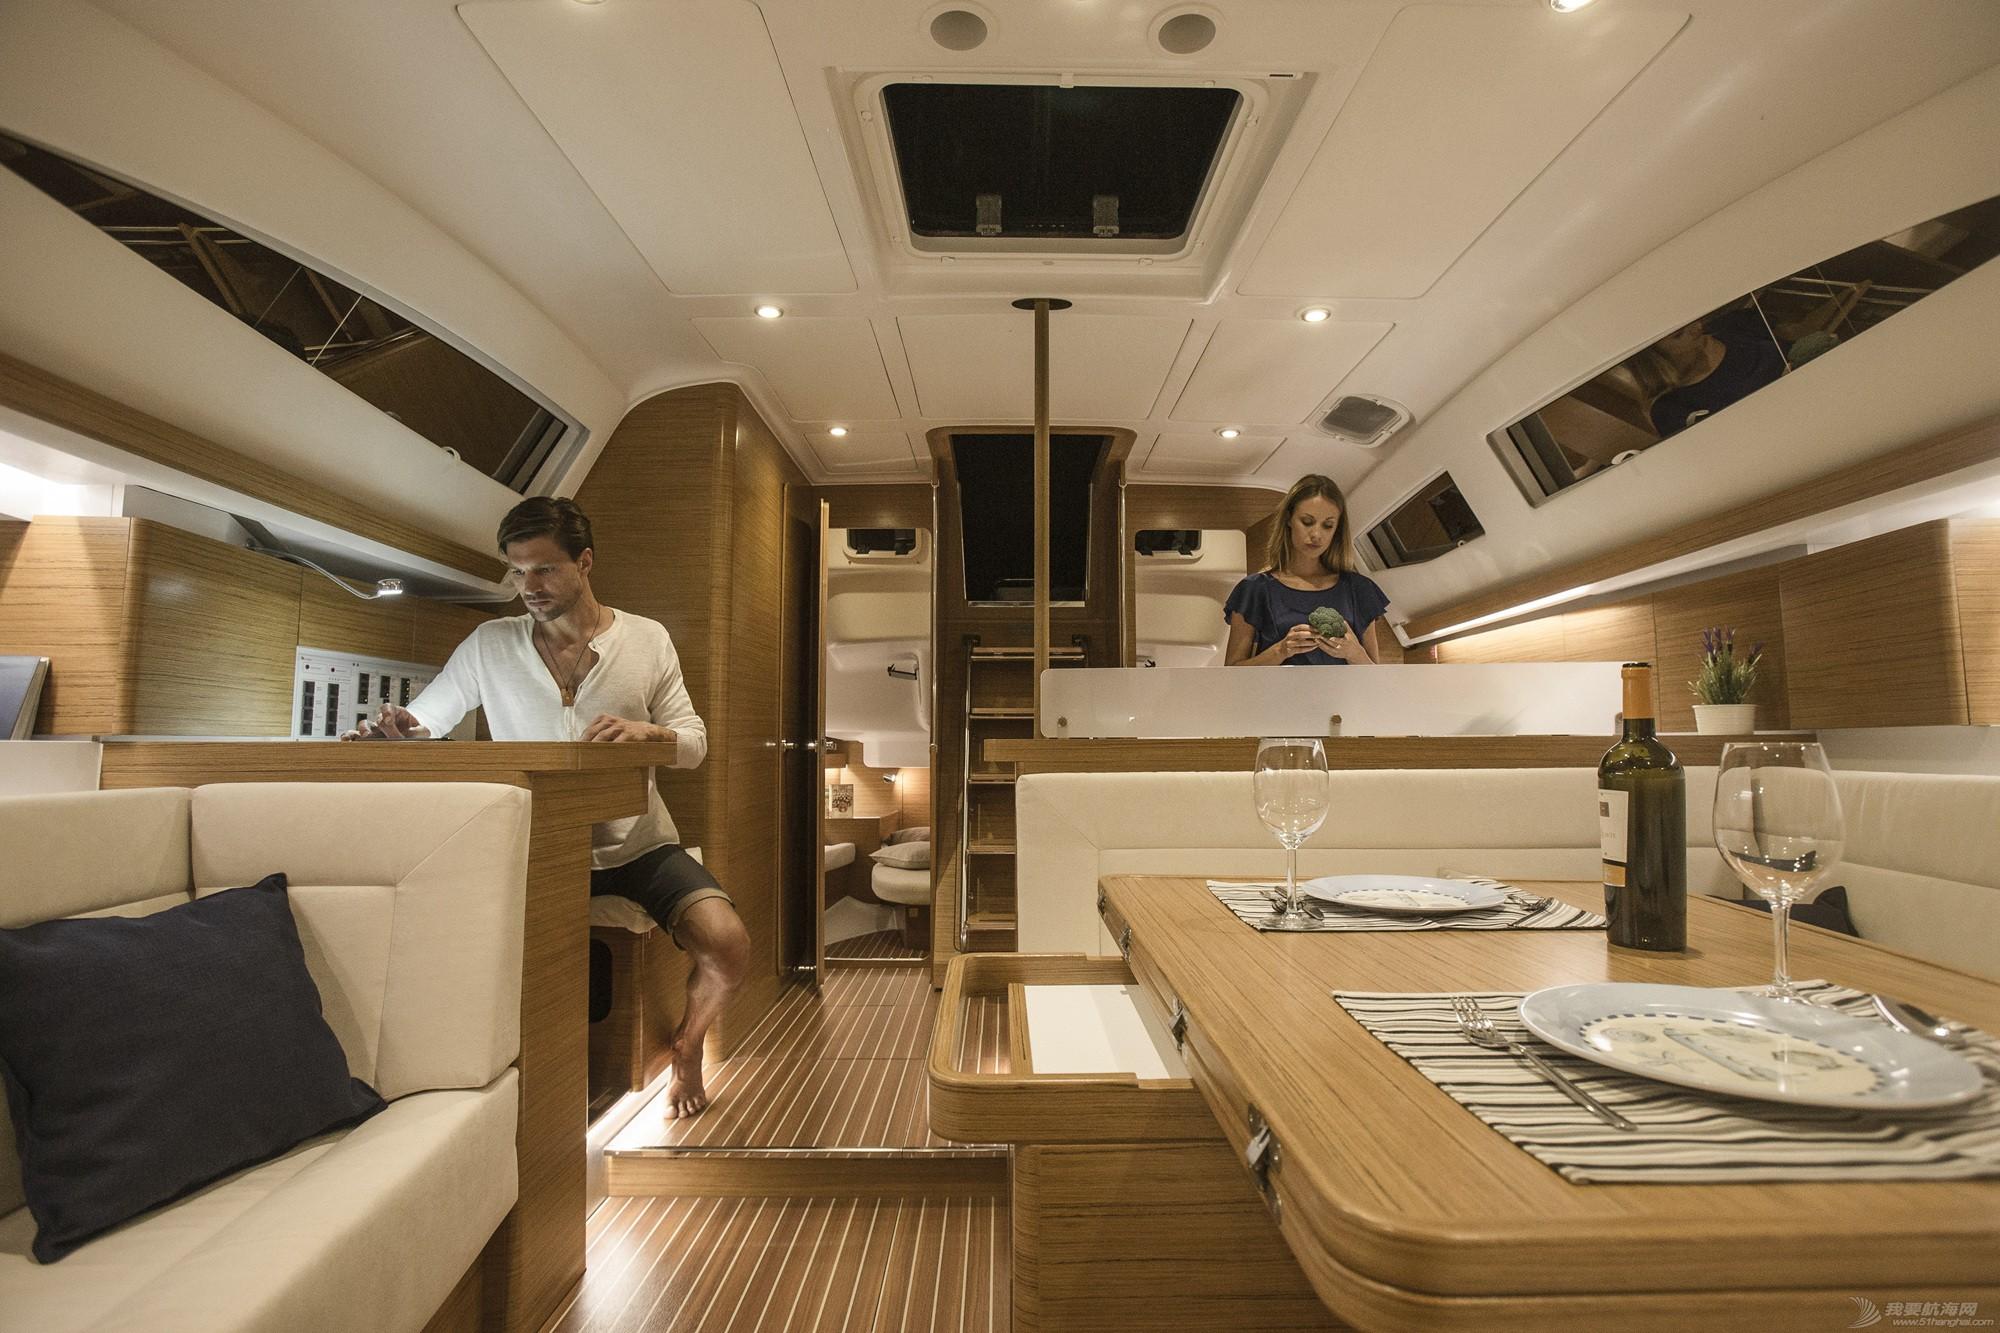 帆船,休闲,印象 elan IMPRESSION 45豪华休闲帆船 逸蓝45英尺巡航帆船 Elan IMPRESSION 45帆船